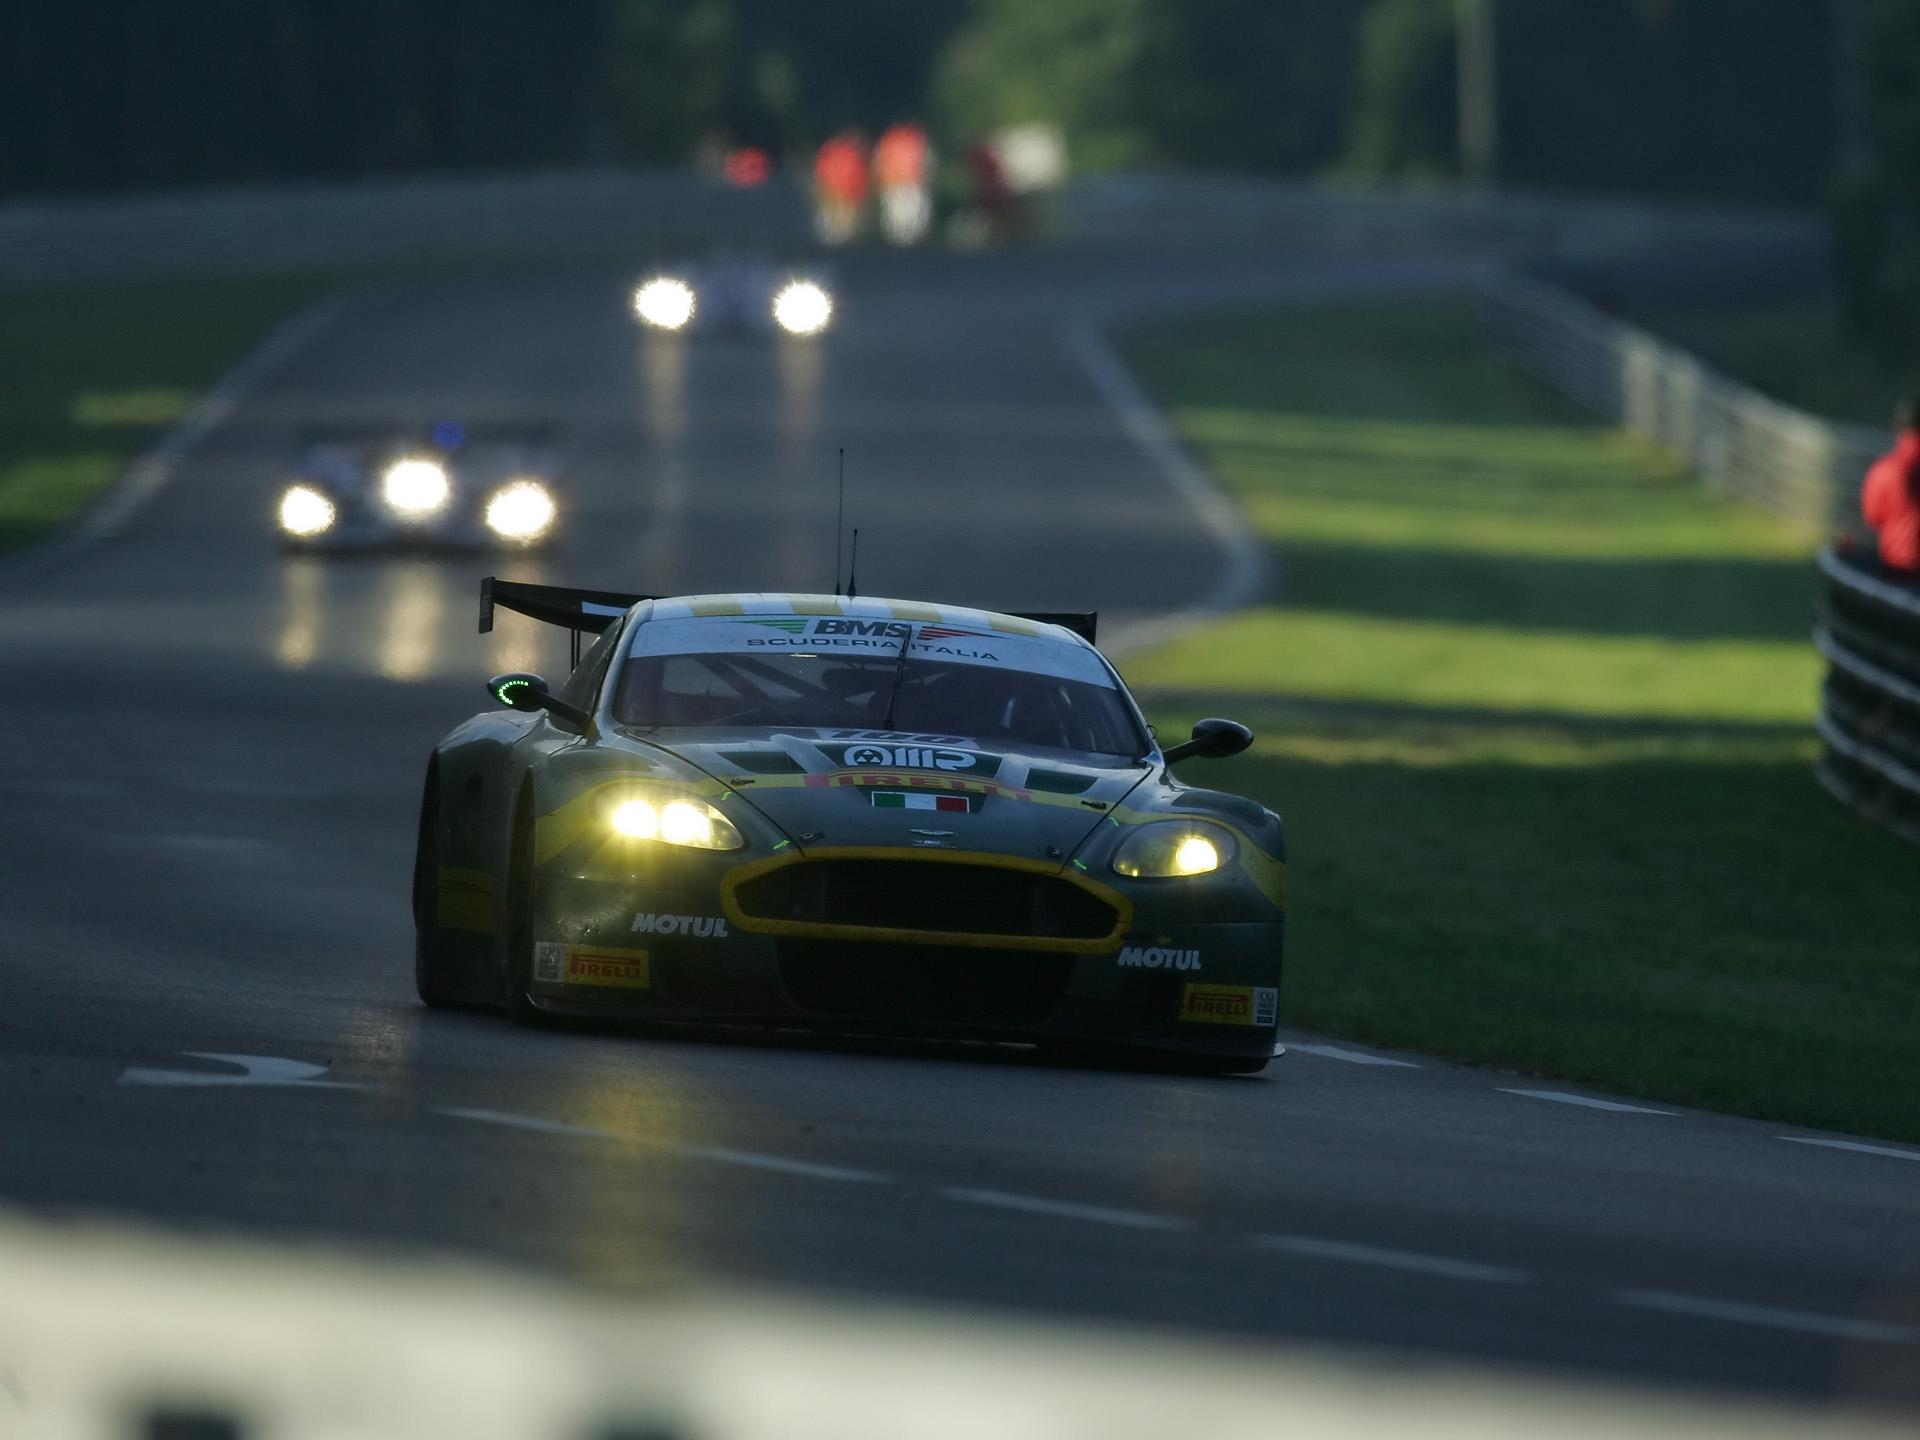 82704 скачать обои Спорт, Машины, Астон Мартин (Aston Martin), Тачки (Cars), Вид Спереди, Зеленый, Стиль, 2005, Трасса, Гонка, Dbr9 - заставки и картинки бесплатно